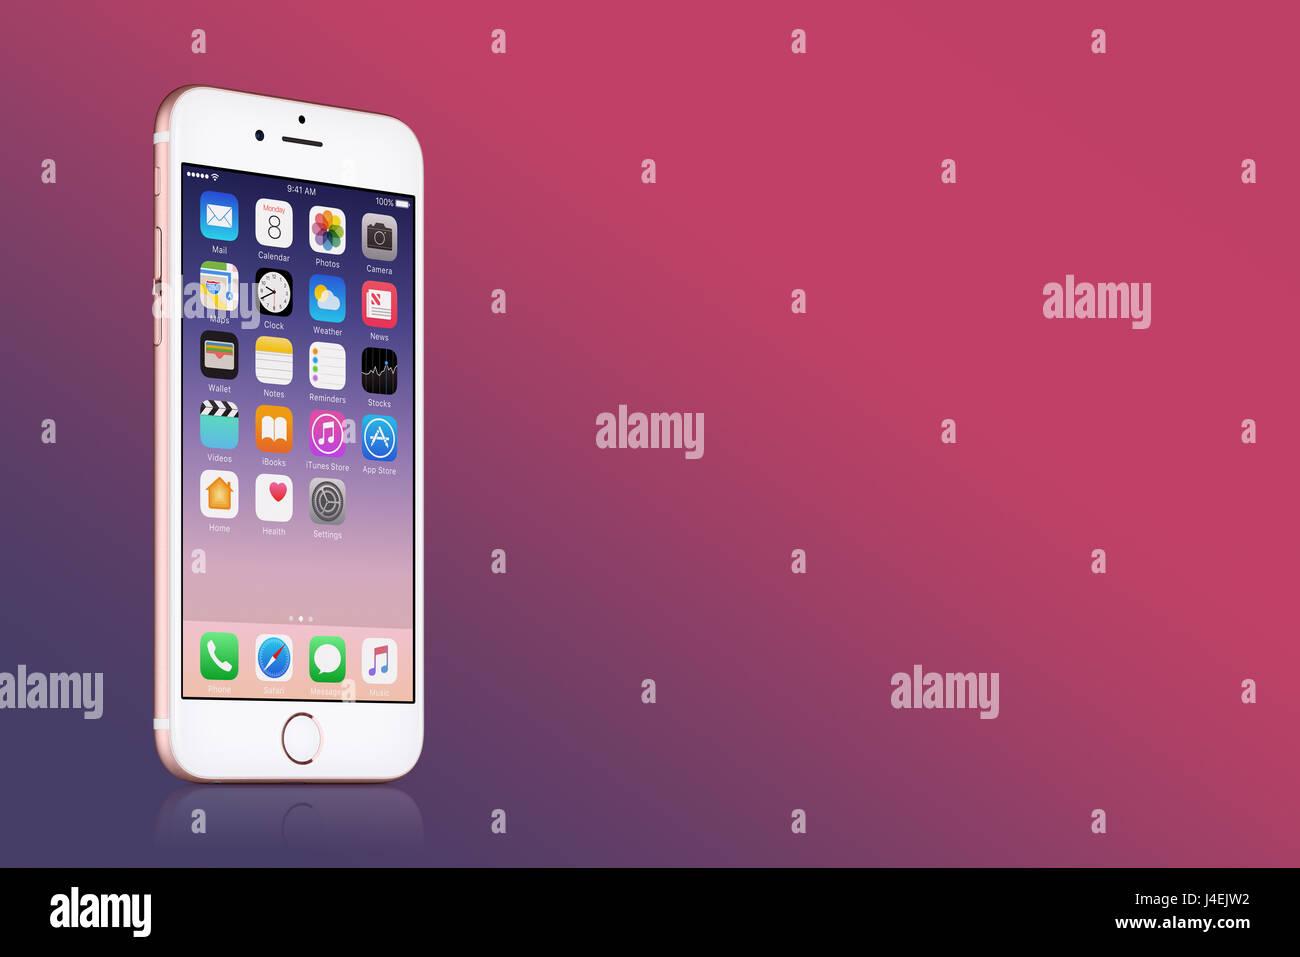 L Or Rose Apple Iphone 7 Avec Ios 10 Sur L Ecran Sur Fond